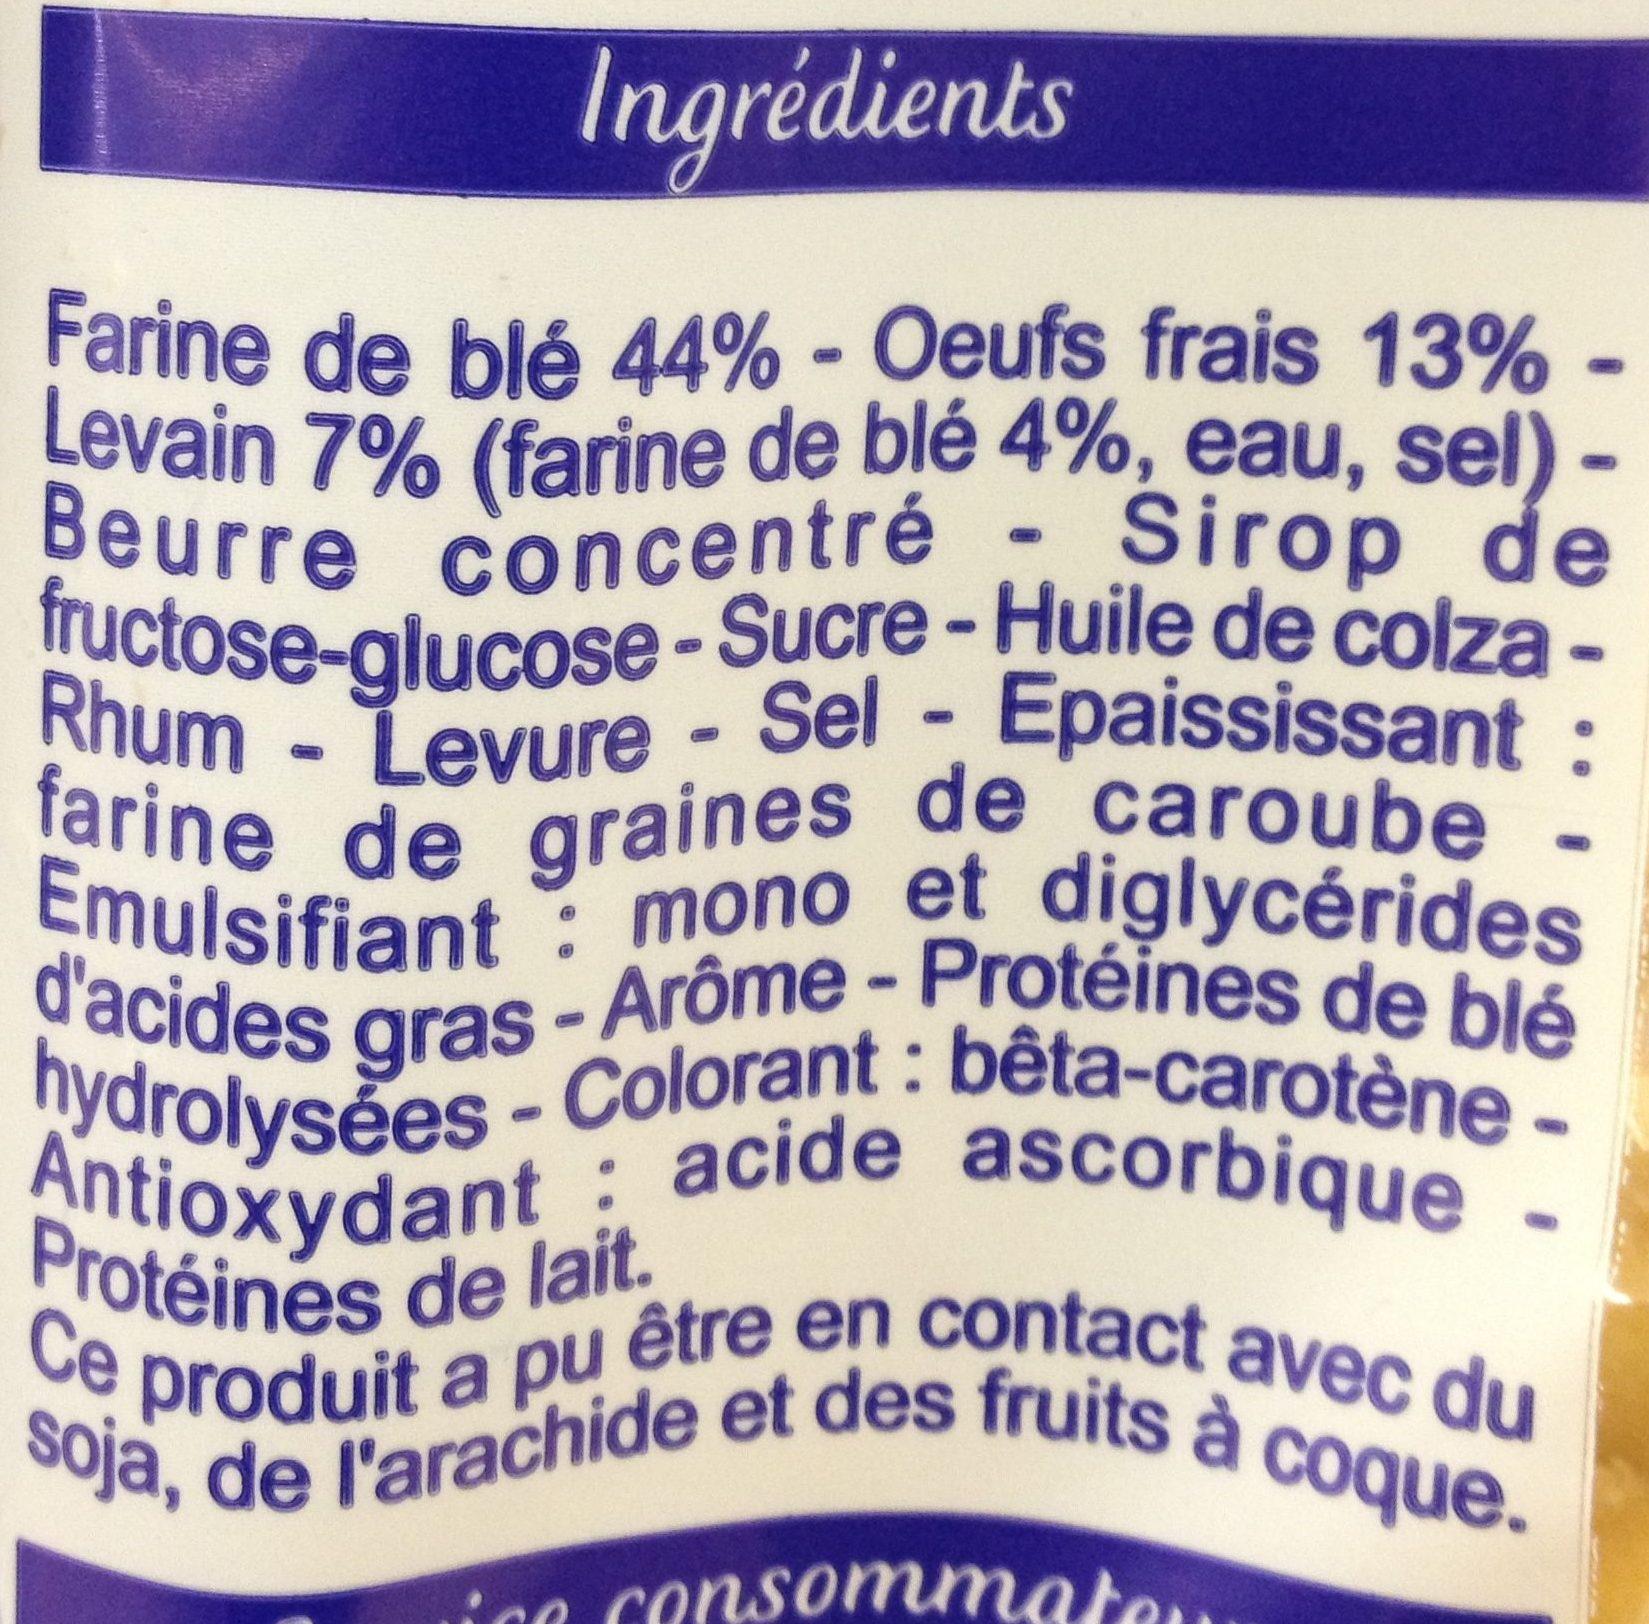 Brioche en tranches au levain - 500 g - Brioche Pasquier - Ingrediënten